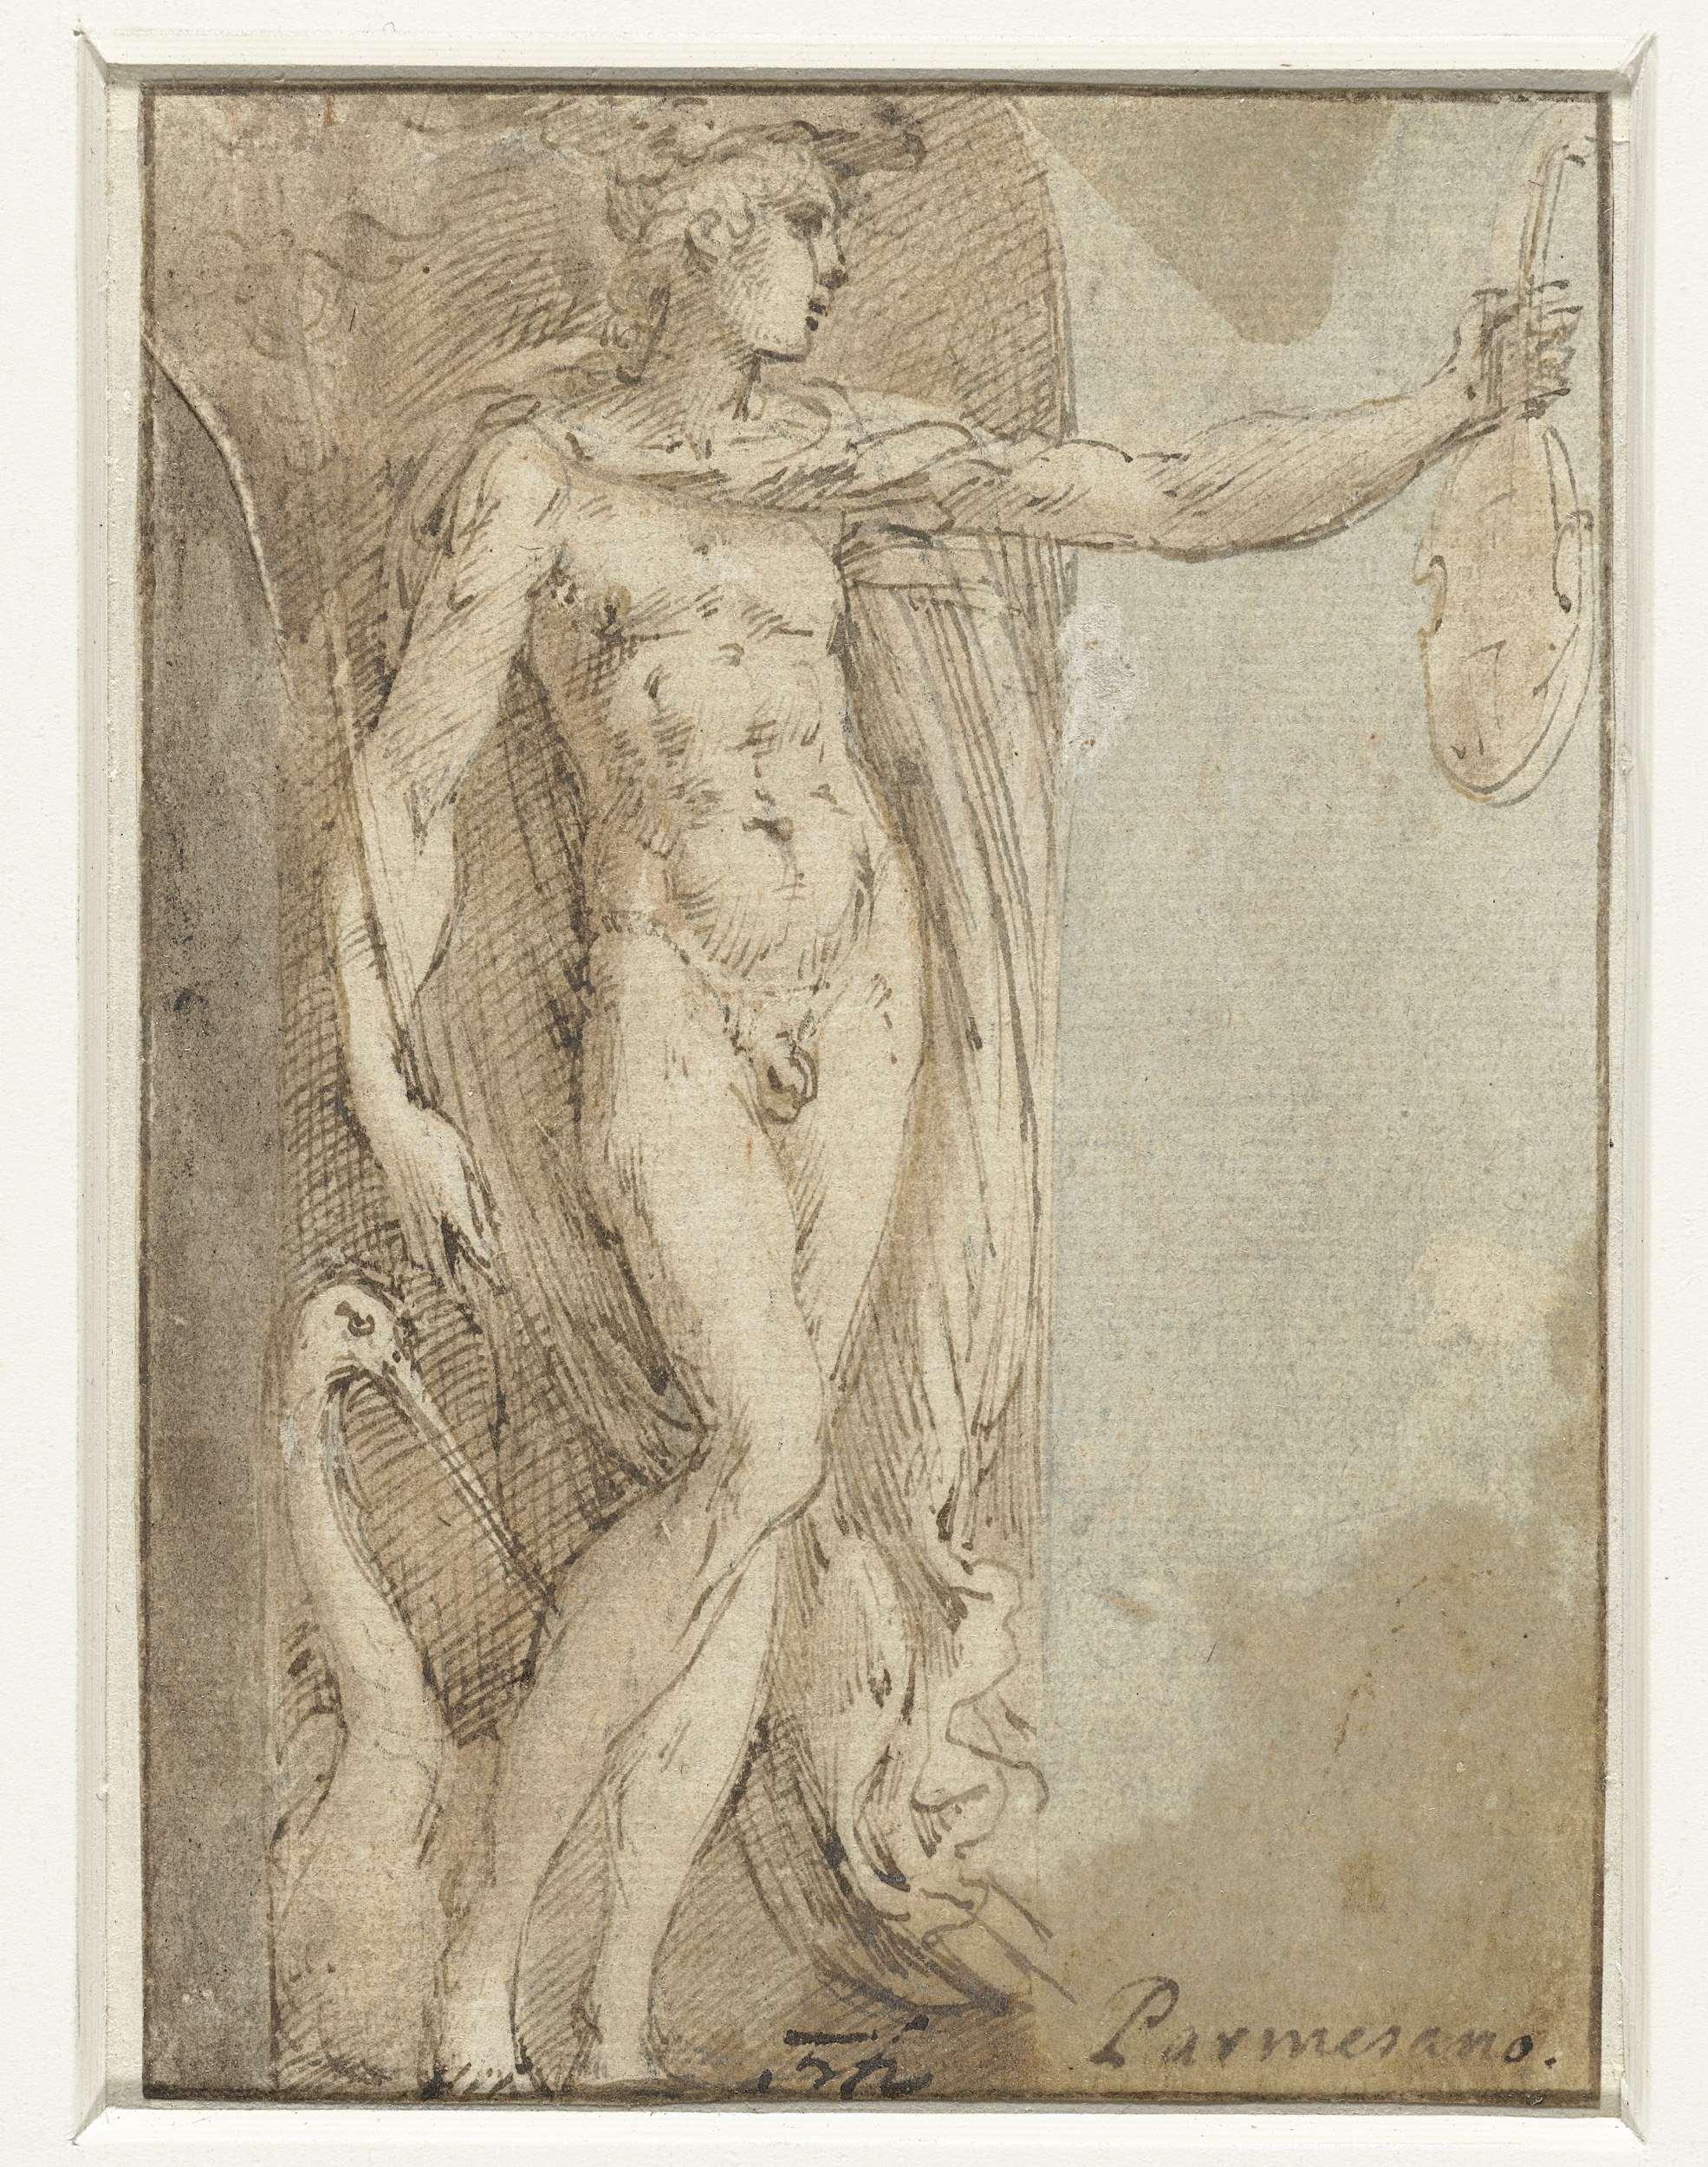 File:Mercurius staand in een nis met een viool en een ibis.jpeg ...